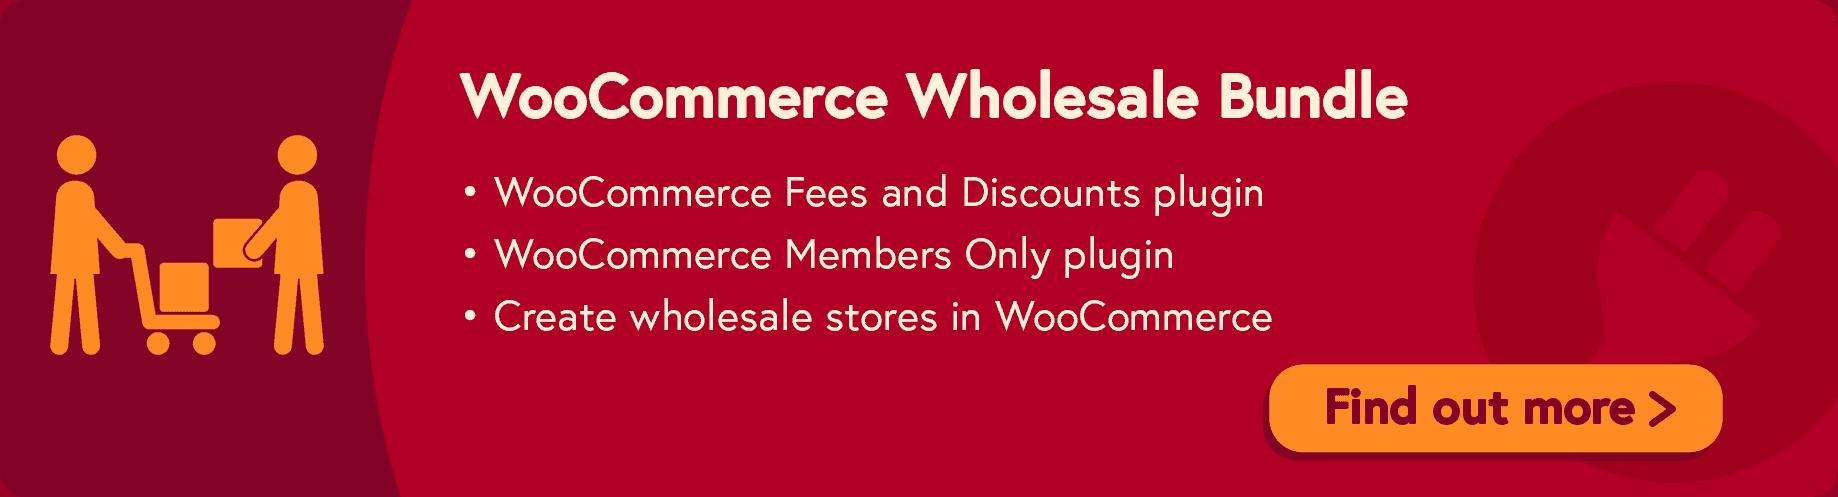 WooCommerce Wholesale Plugin Bundle